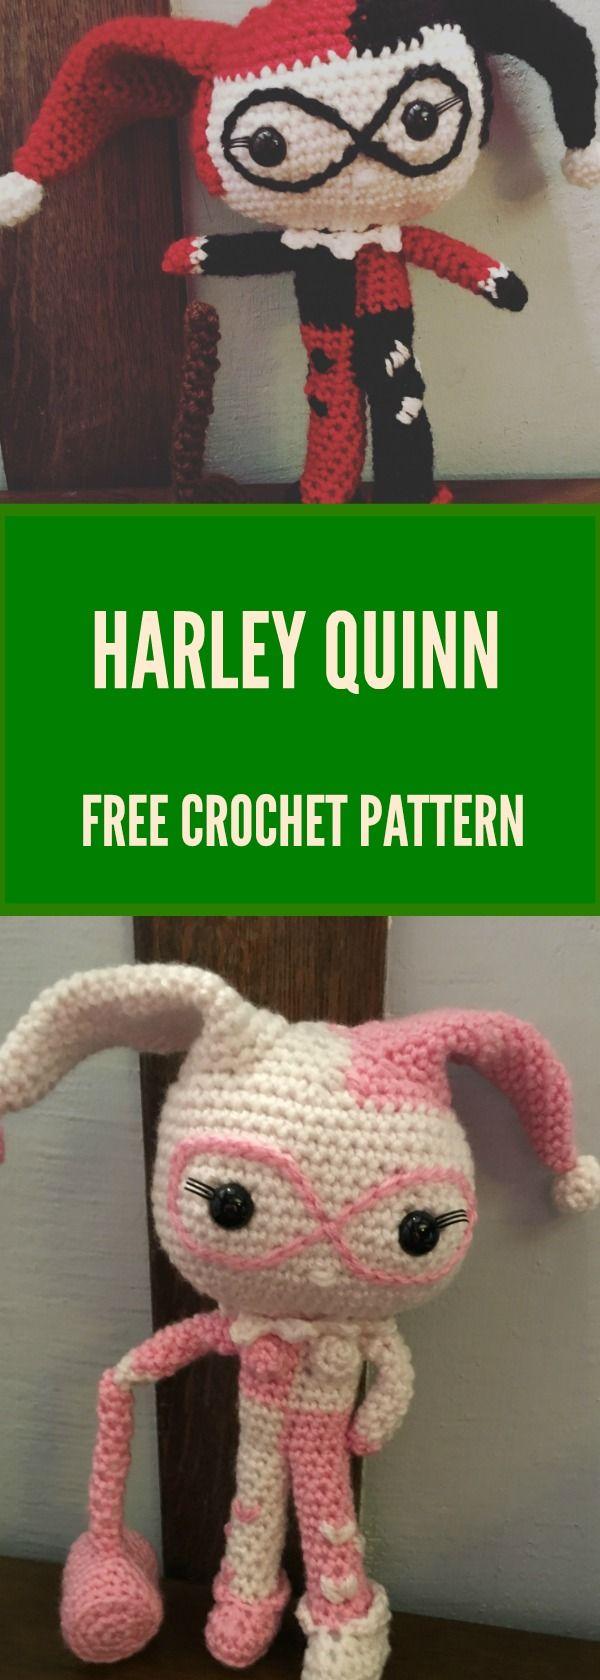 Drunken Aunt WendyPink and White Harley Quinn – Free Pattern   Häkeln